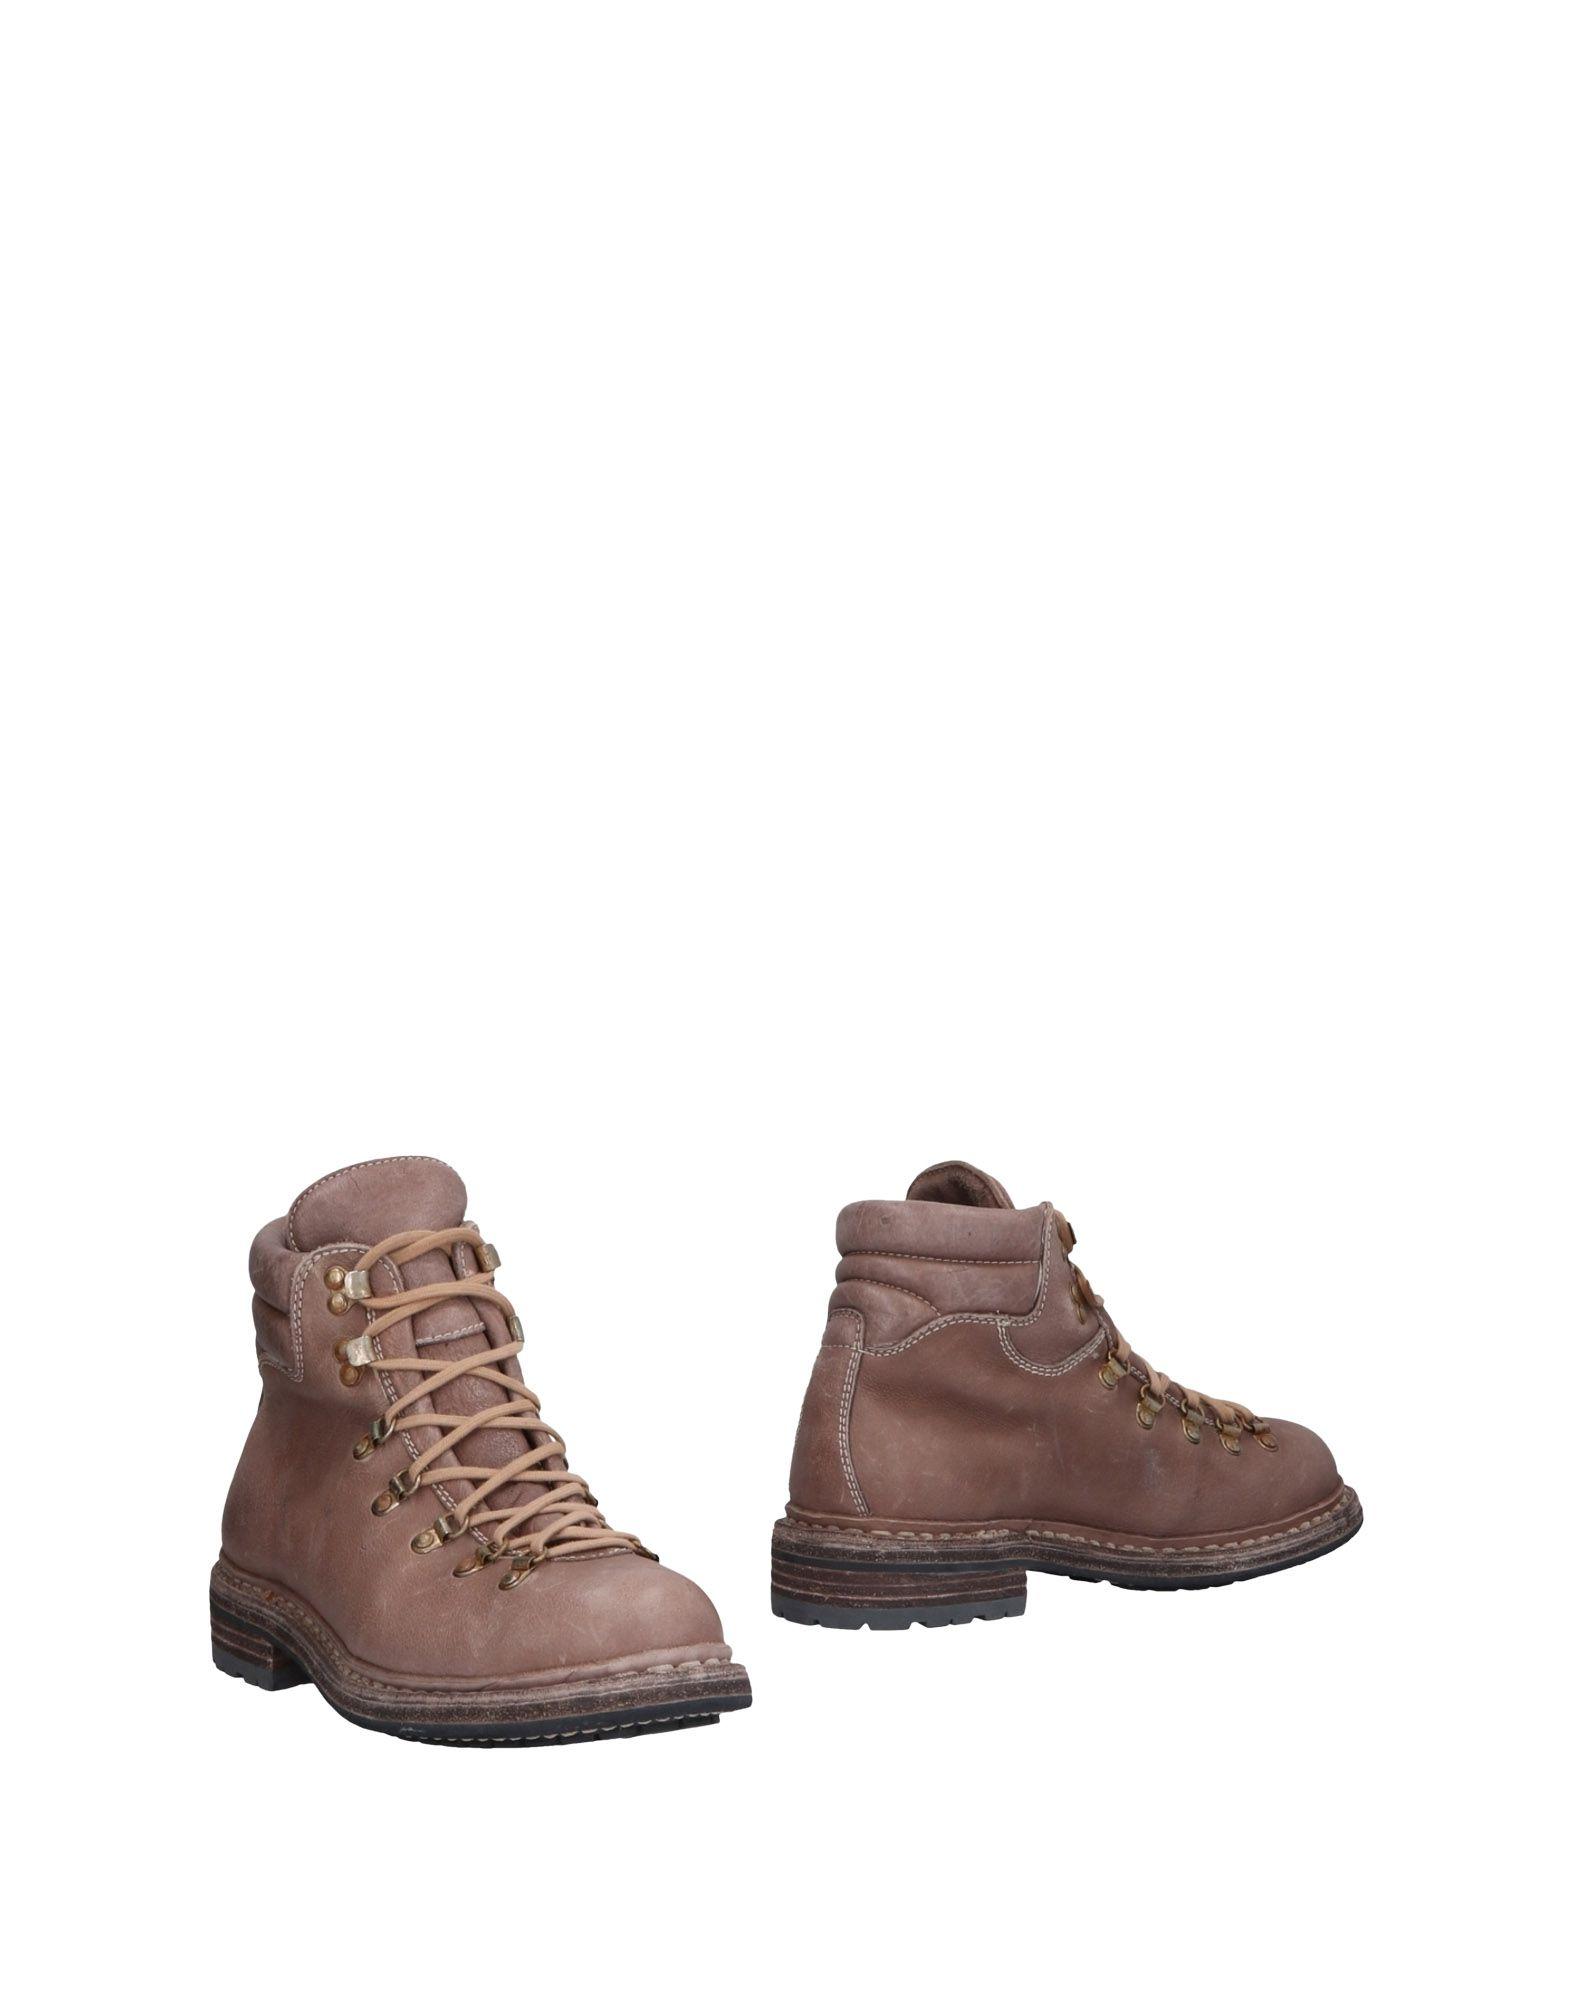 Guidi Stiefelette Herren  11464456AL Gute Qualität beliebte Schuhe